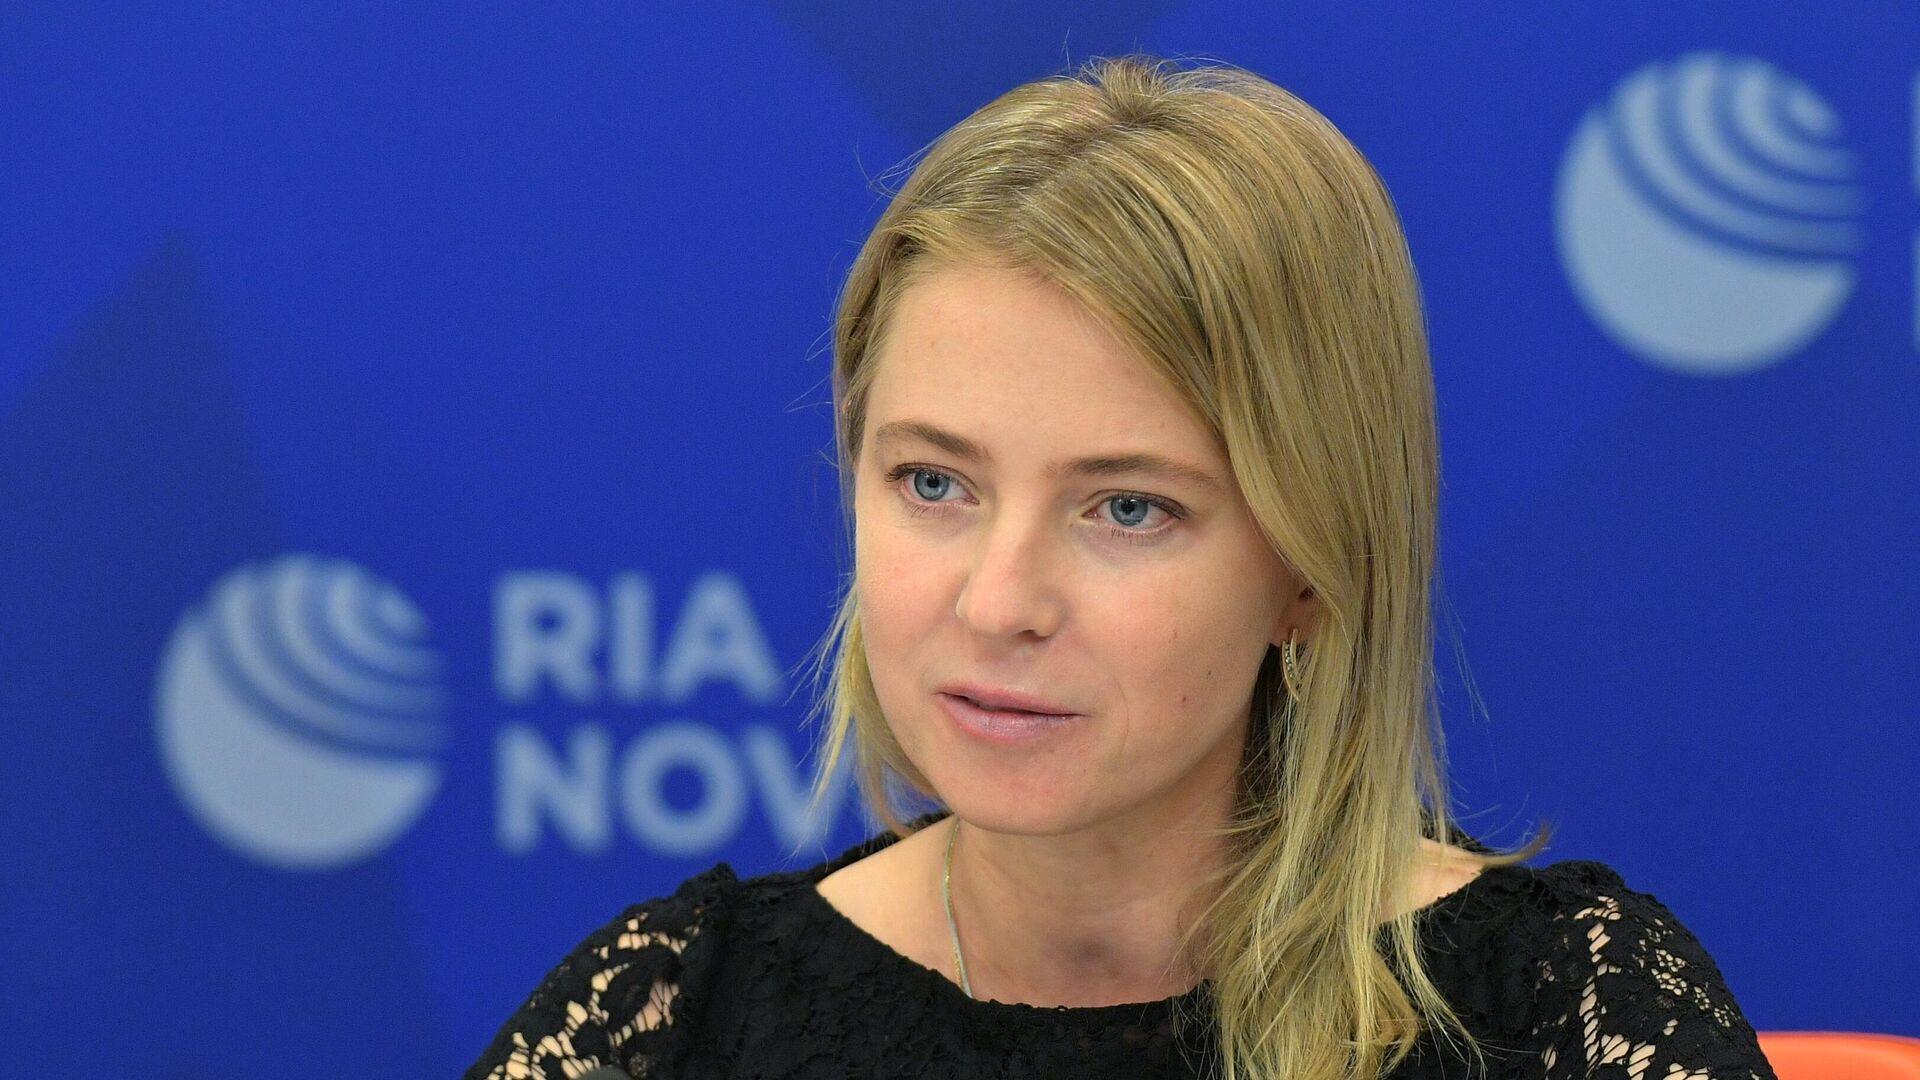 Депутат Госдумы Поклонская предложила изменить подход при формировании власти в Крыму